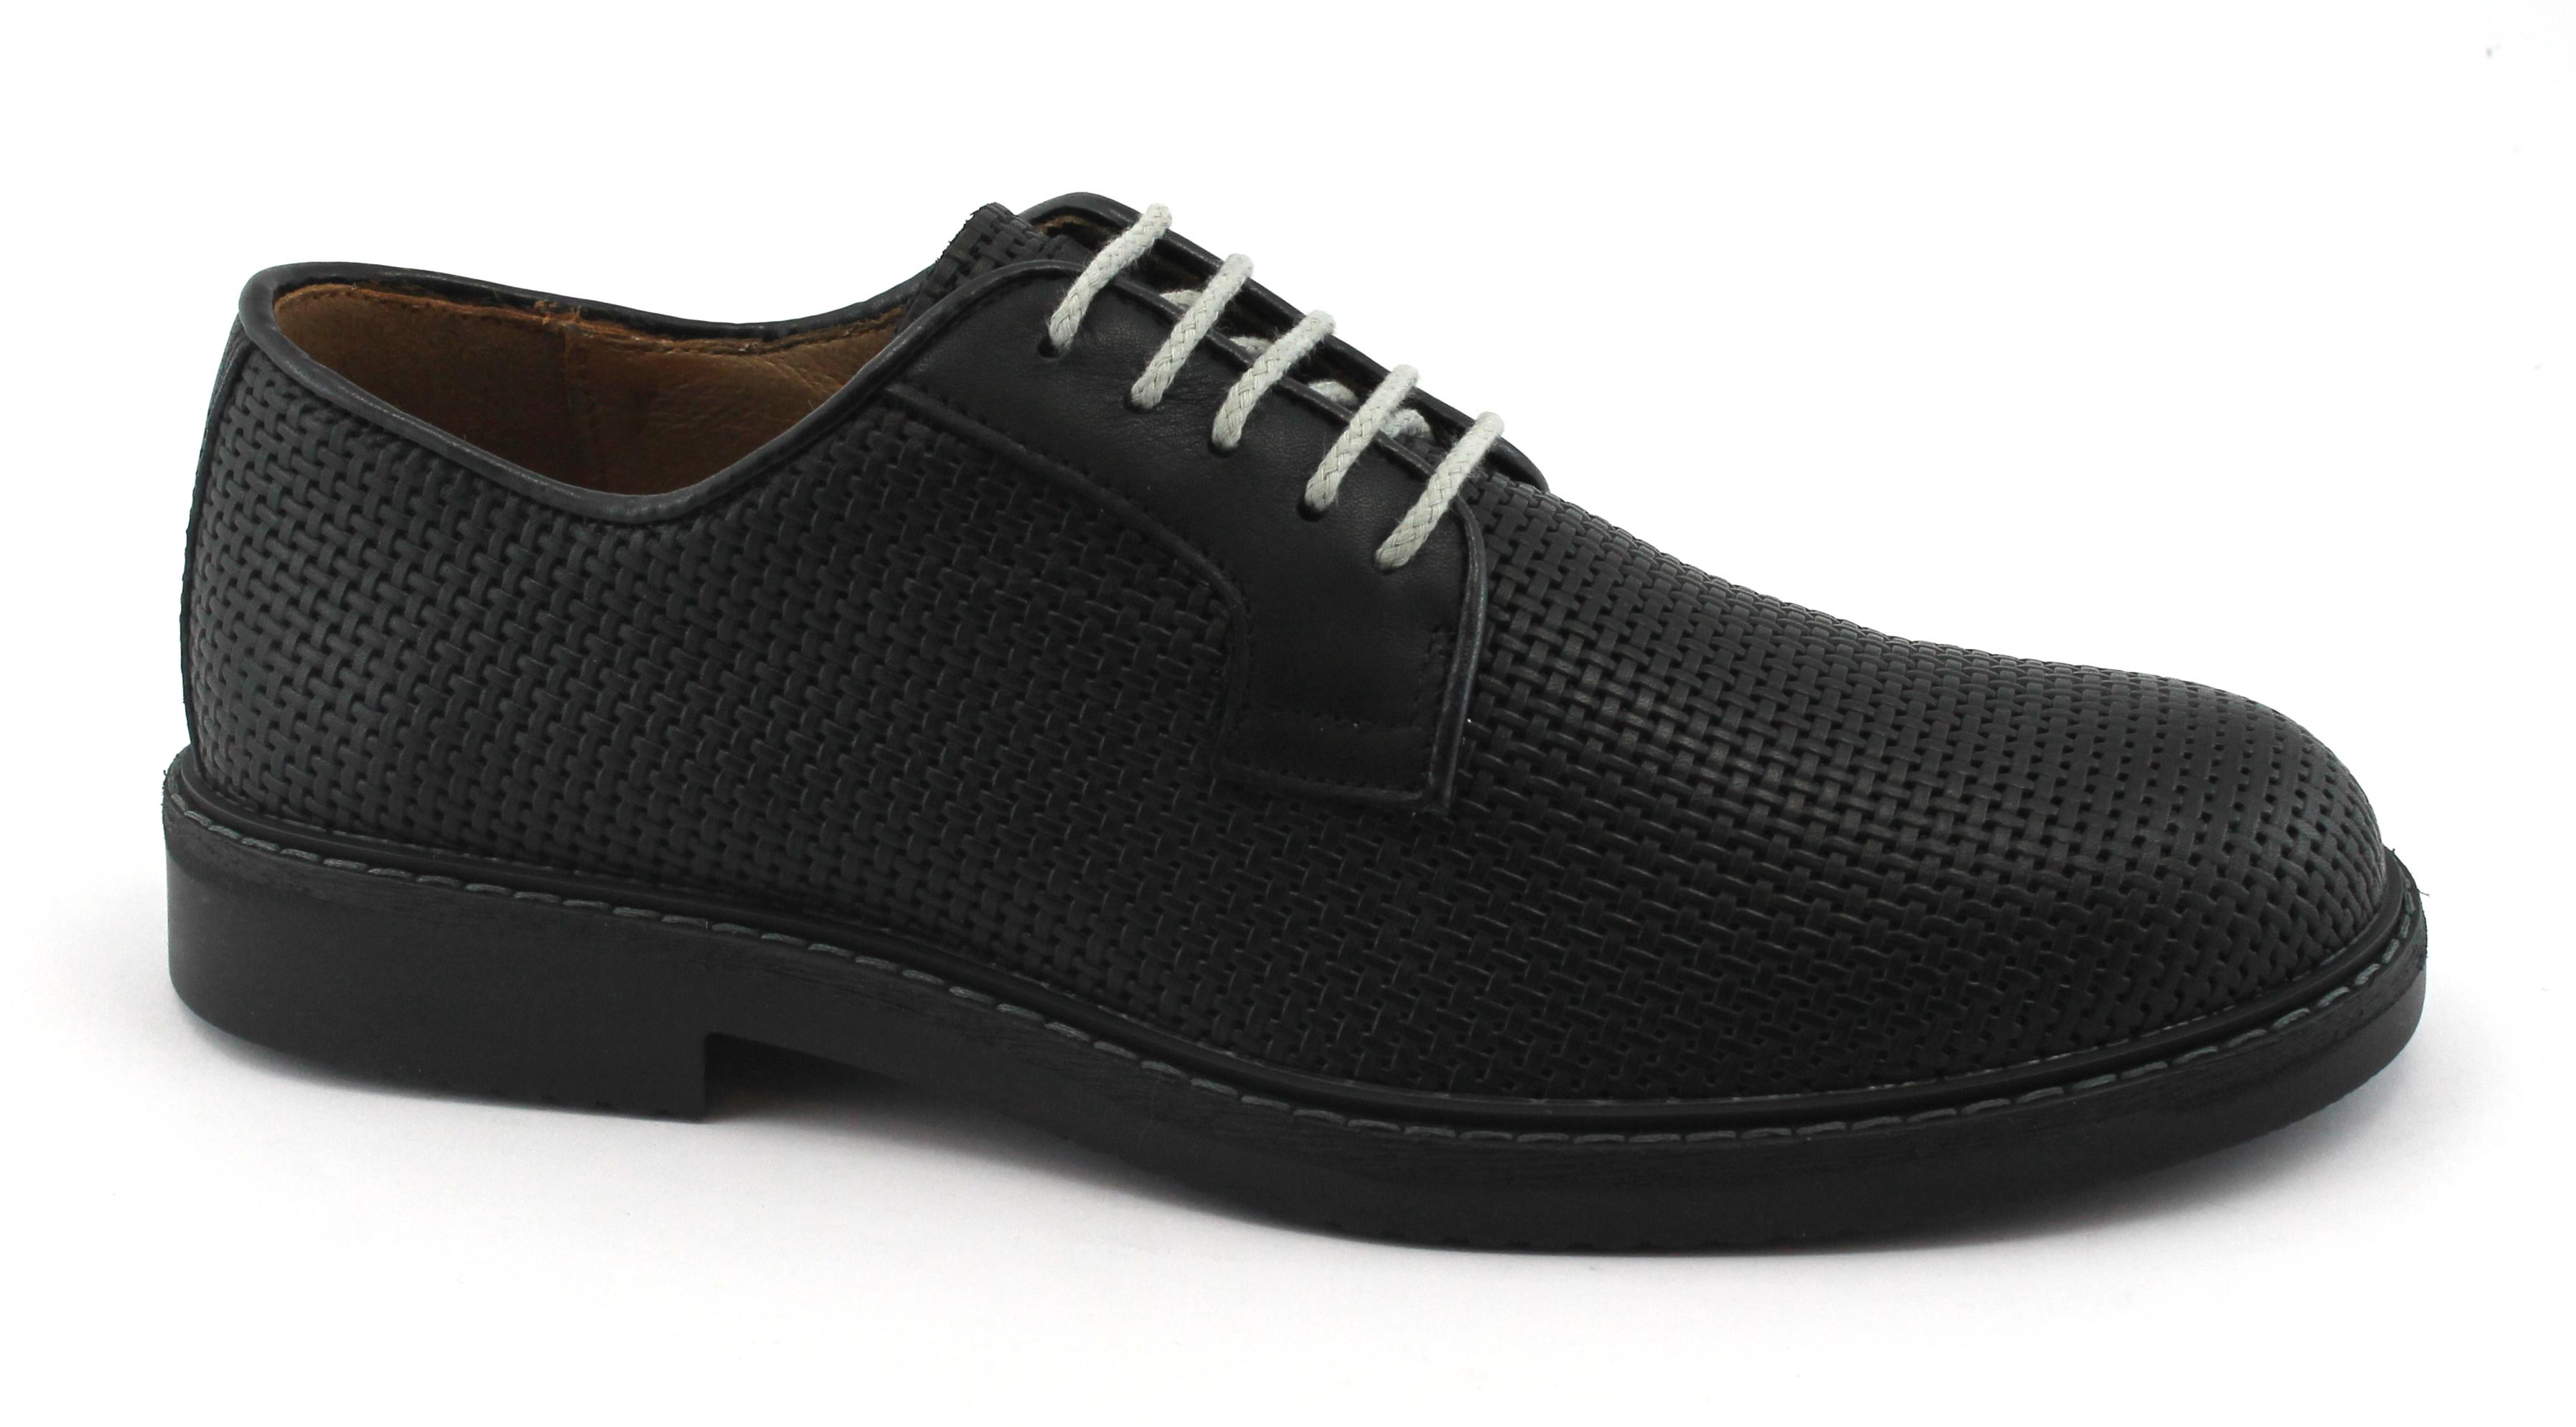 IGI&CO 1105177 nero scarpe uomo derby sportive eleganti pelle intrecciata Scarpe classiche da uomo